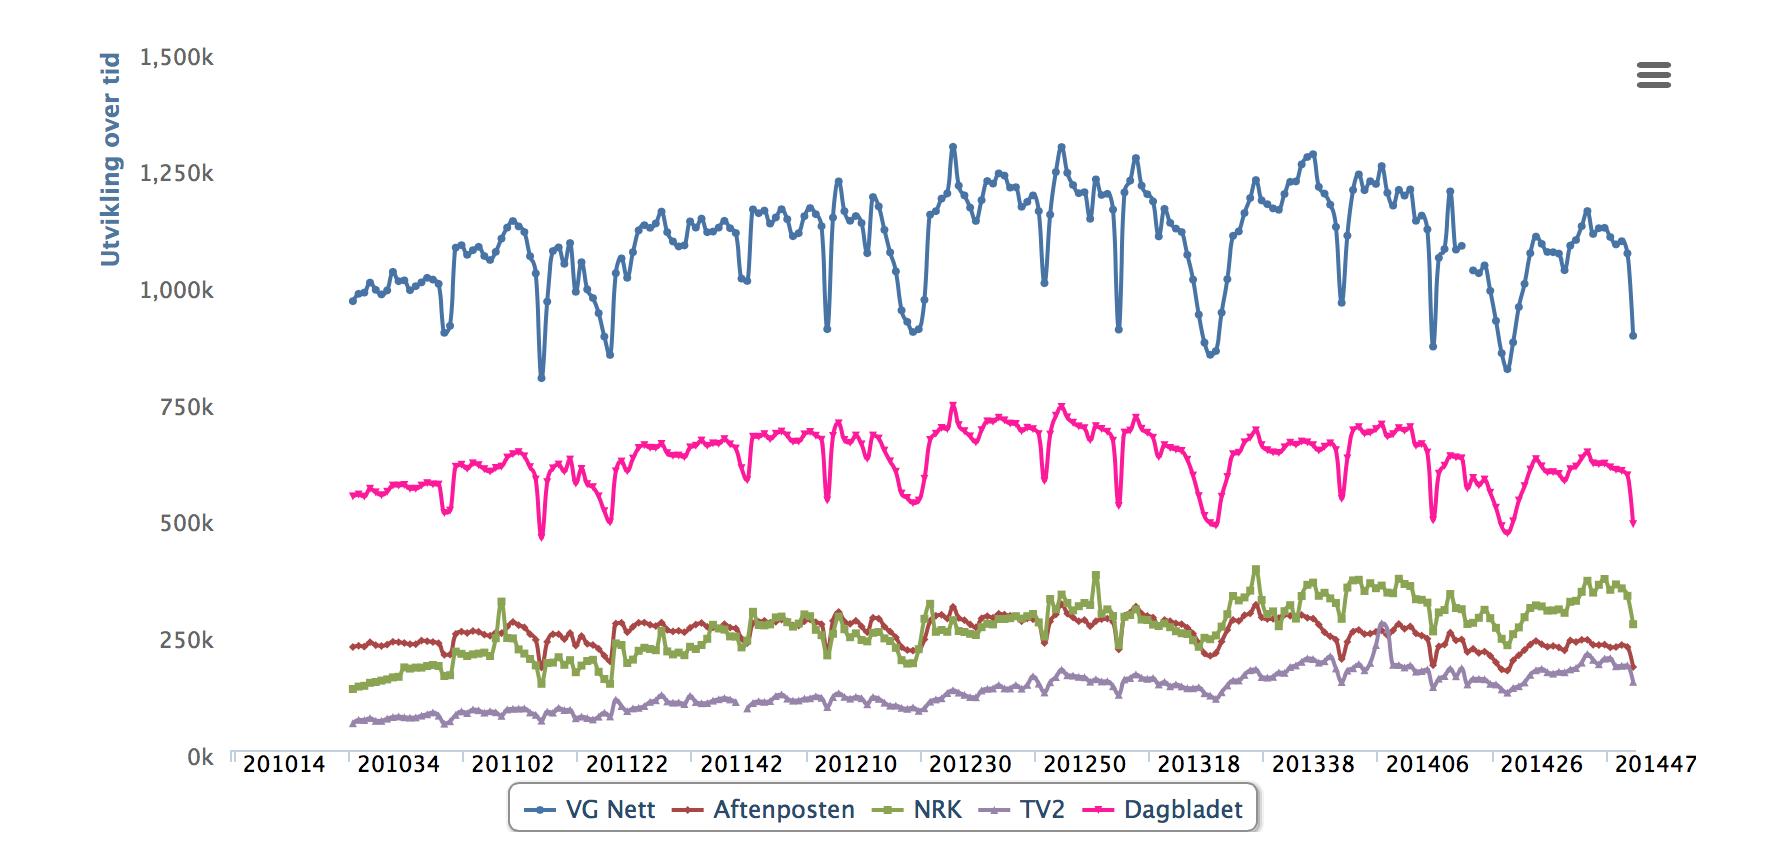 Ledende norske nettmedier: Antall daglige forsidebrukere fra begynnelsen av 2010 til slutten av 2014 (kilde: tnslistene.no)